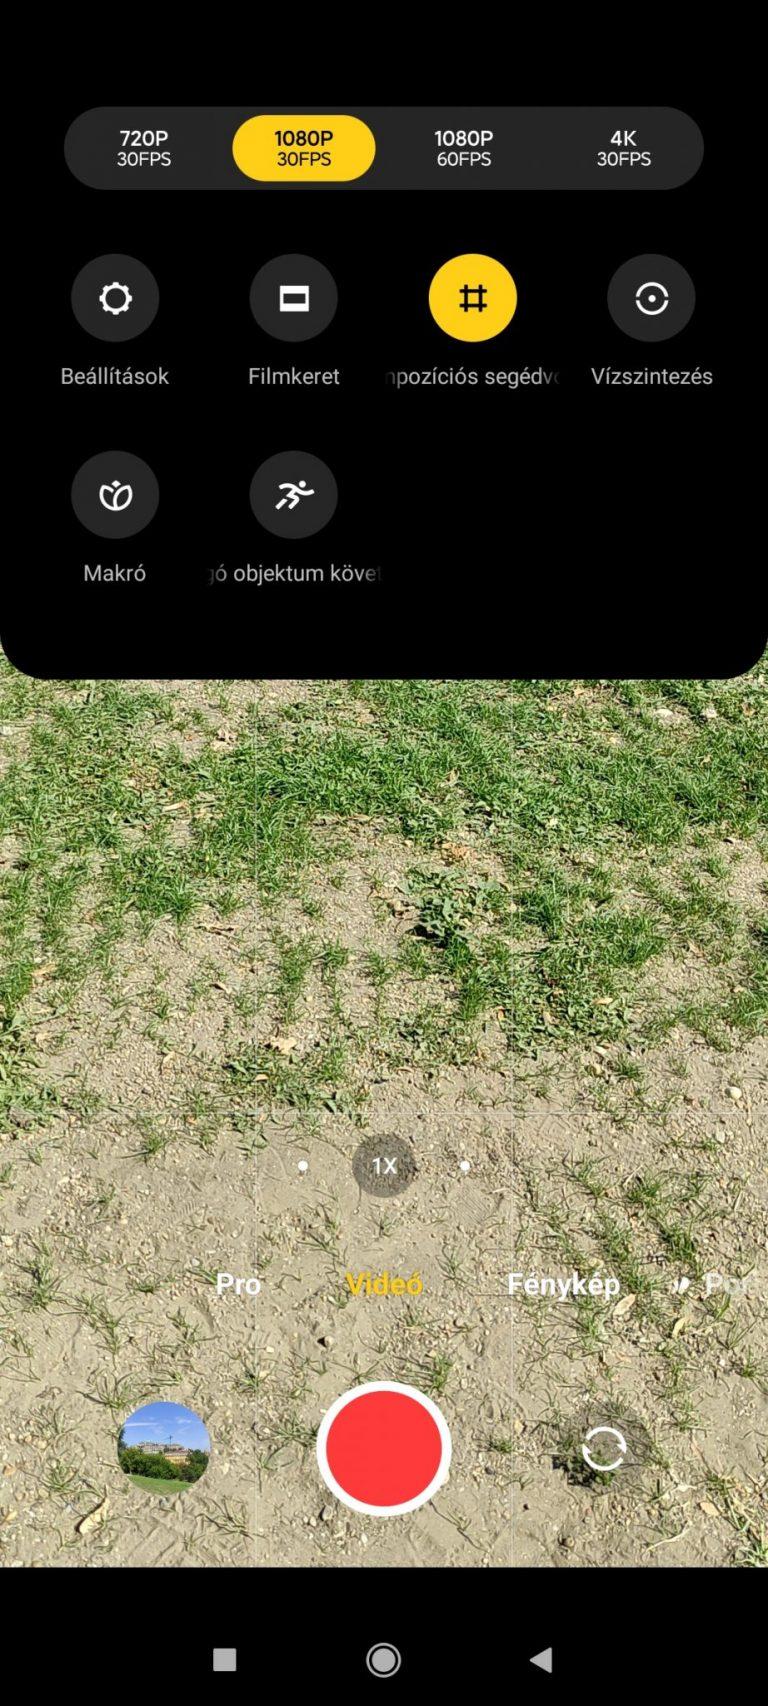 Poco X3 NFC okostelefon teszt 30